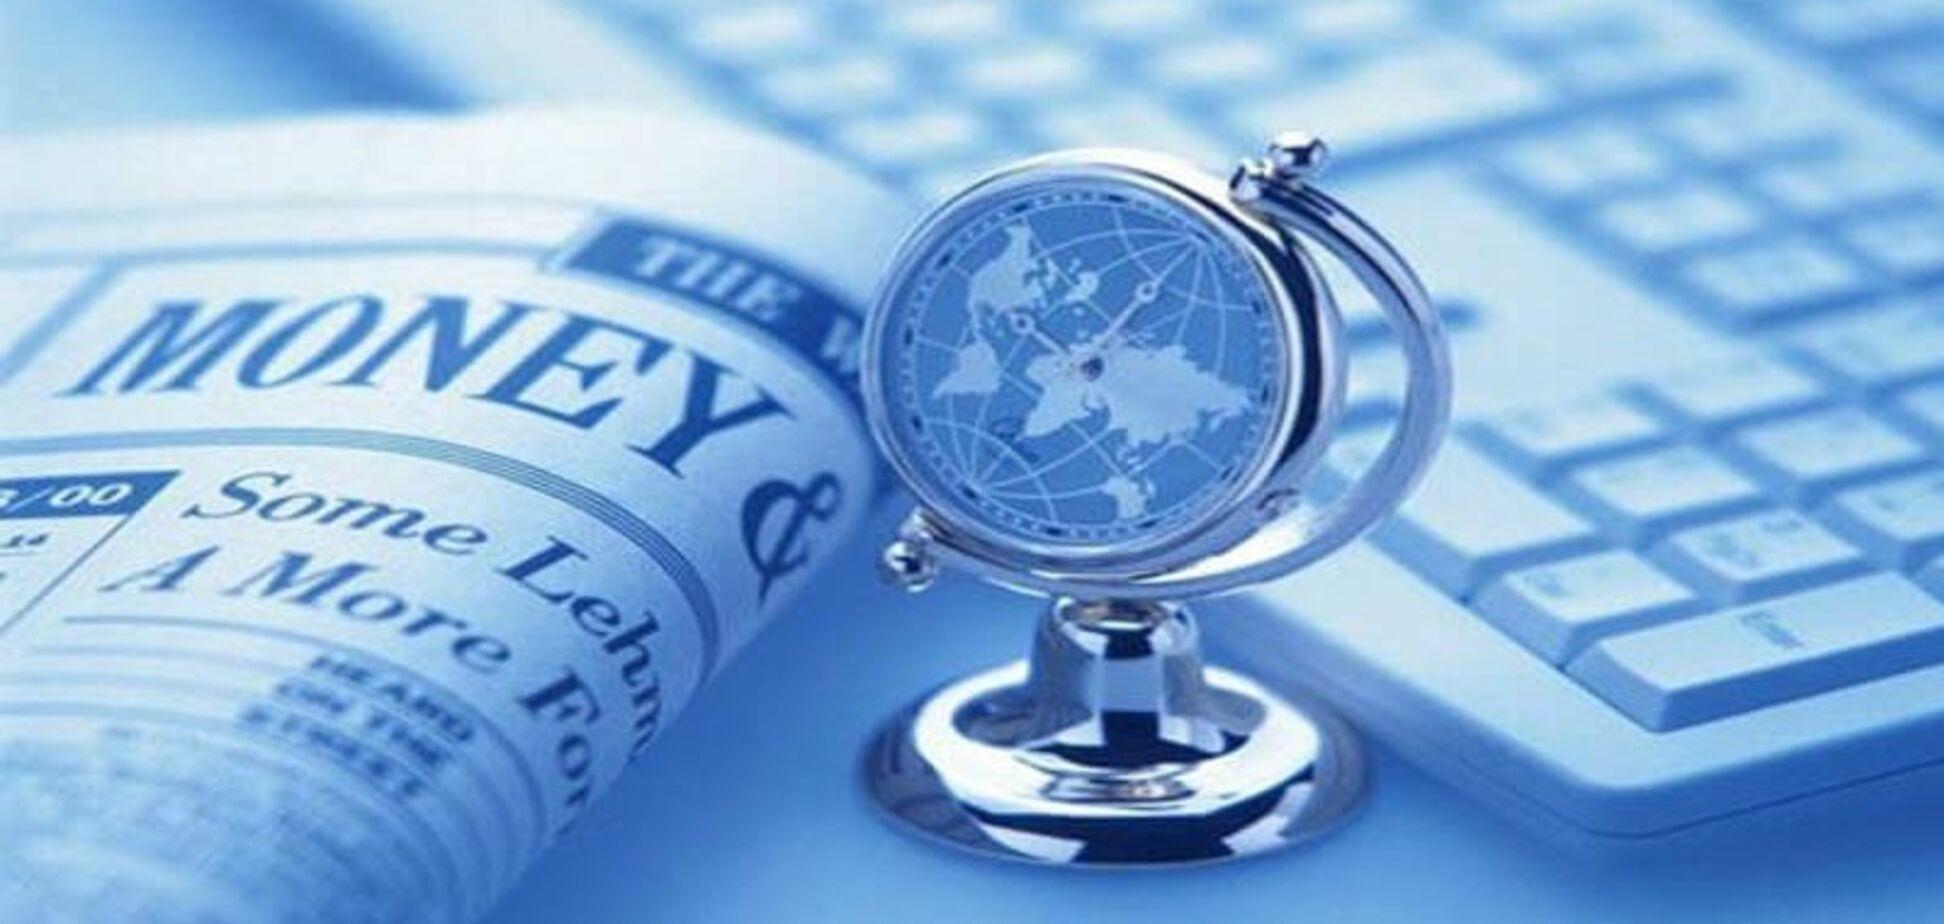 Там ховають гроші багатії: Україна розширила список офшорів